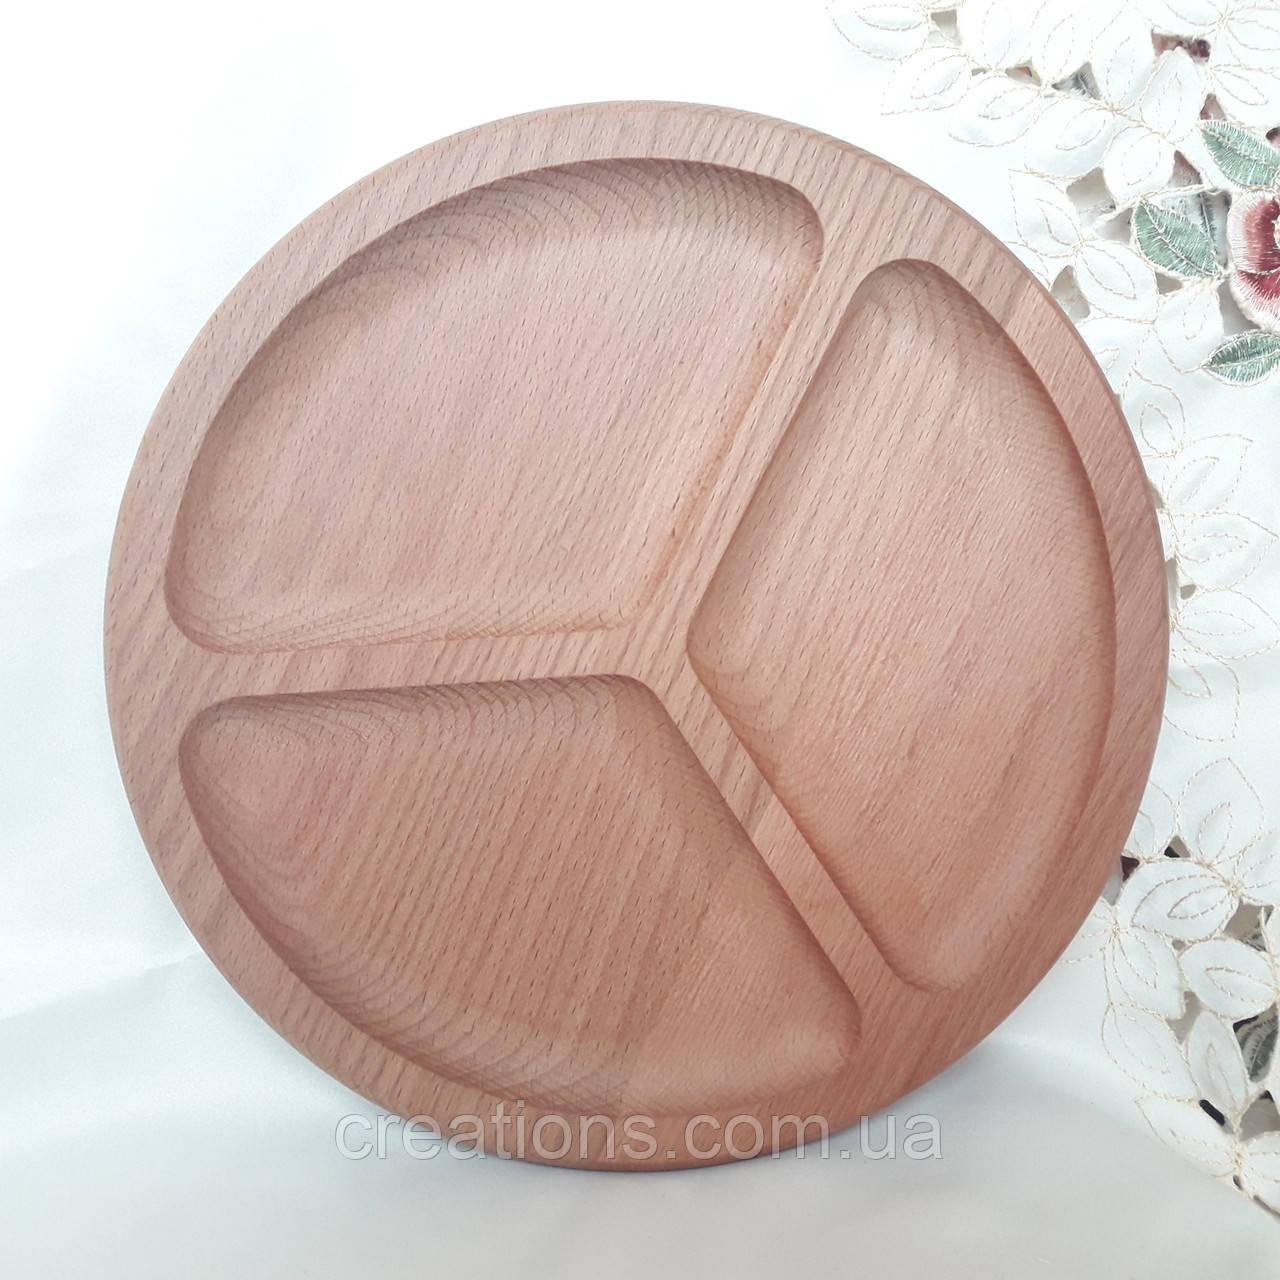 Менажница деревянная 30 см. круглая на 3 секции из бука БМ-52